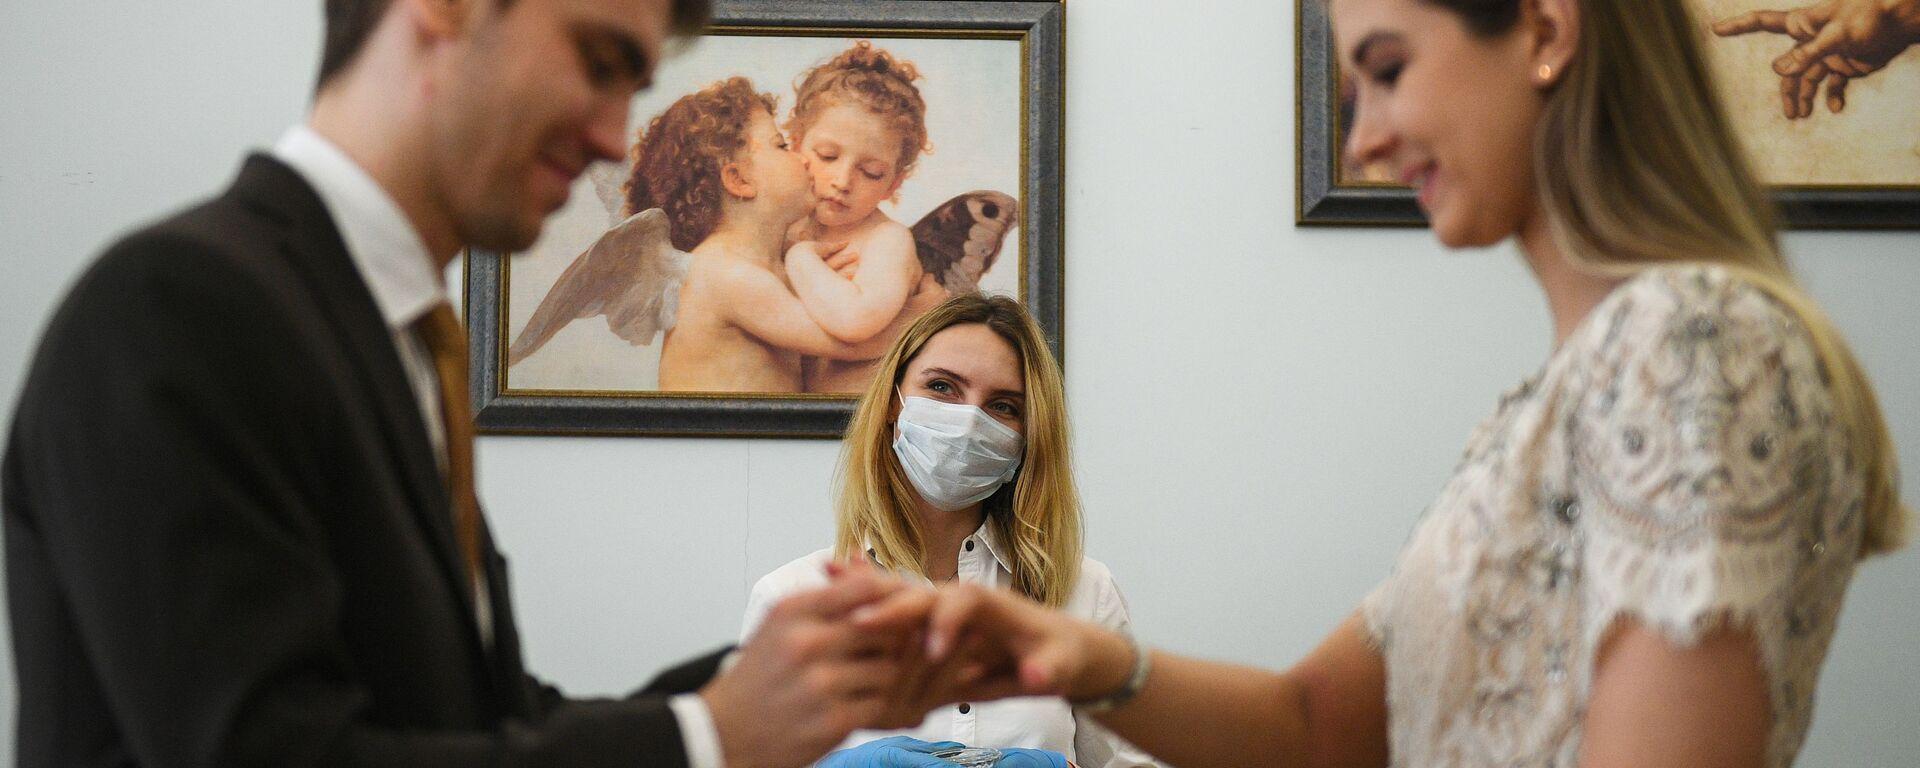 Mosca. Una coppia si scambia gli anelli durante un matrimonio. Proseguono le cerimonie con le regole per la pandemia coronavirus - Sputnik Italia, 1920, 02.08.2021